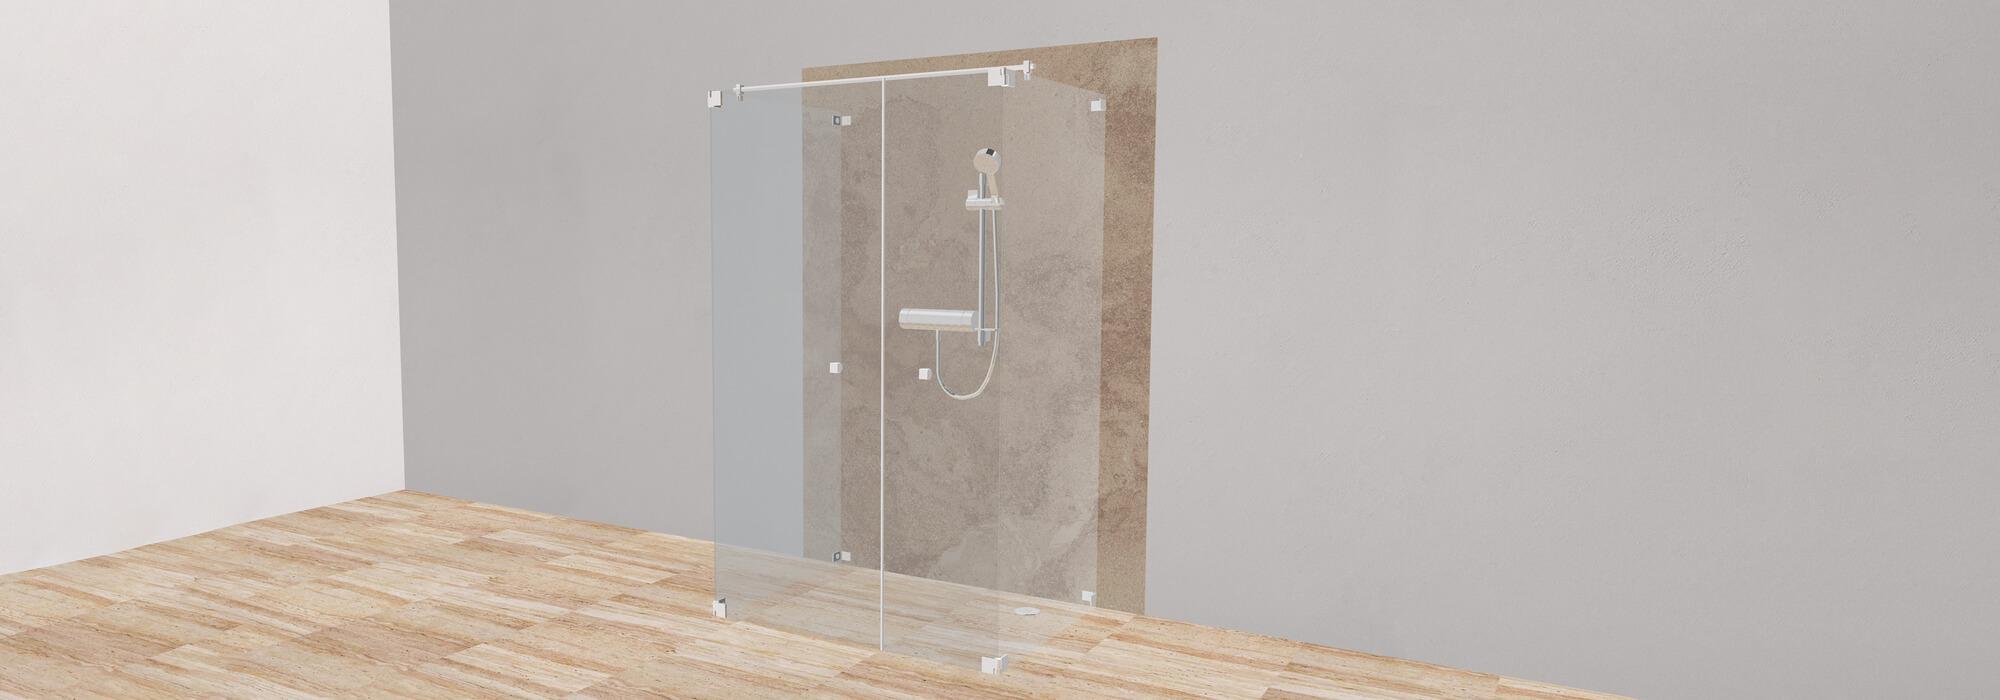 Der einzigartige 3D-Duschenkonfigurator von SPRINZ ermöglicht die Gestaltung von Glasduschen in Echtzeit.